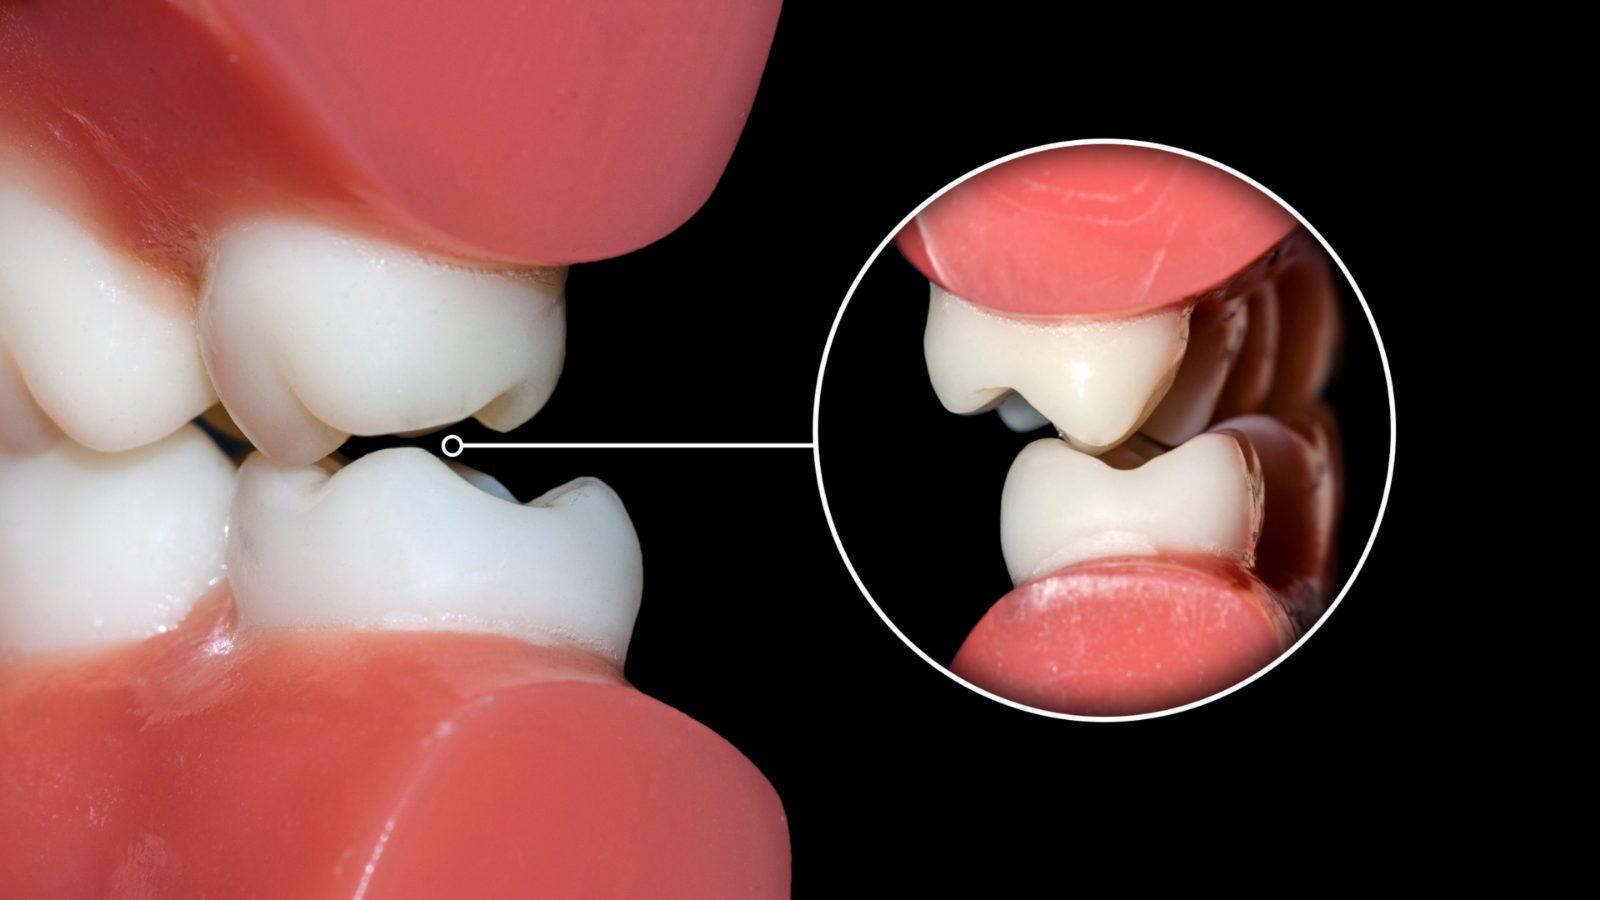 beclinique oclusão dentária